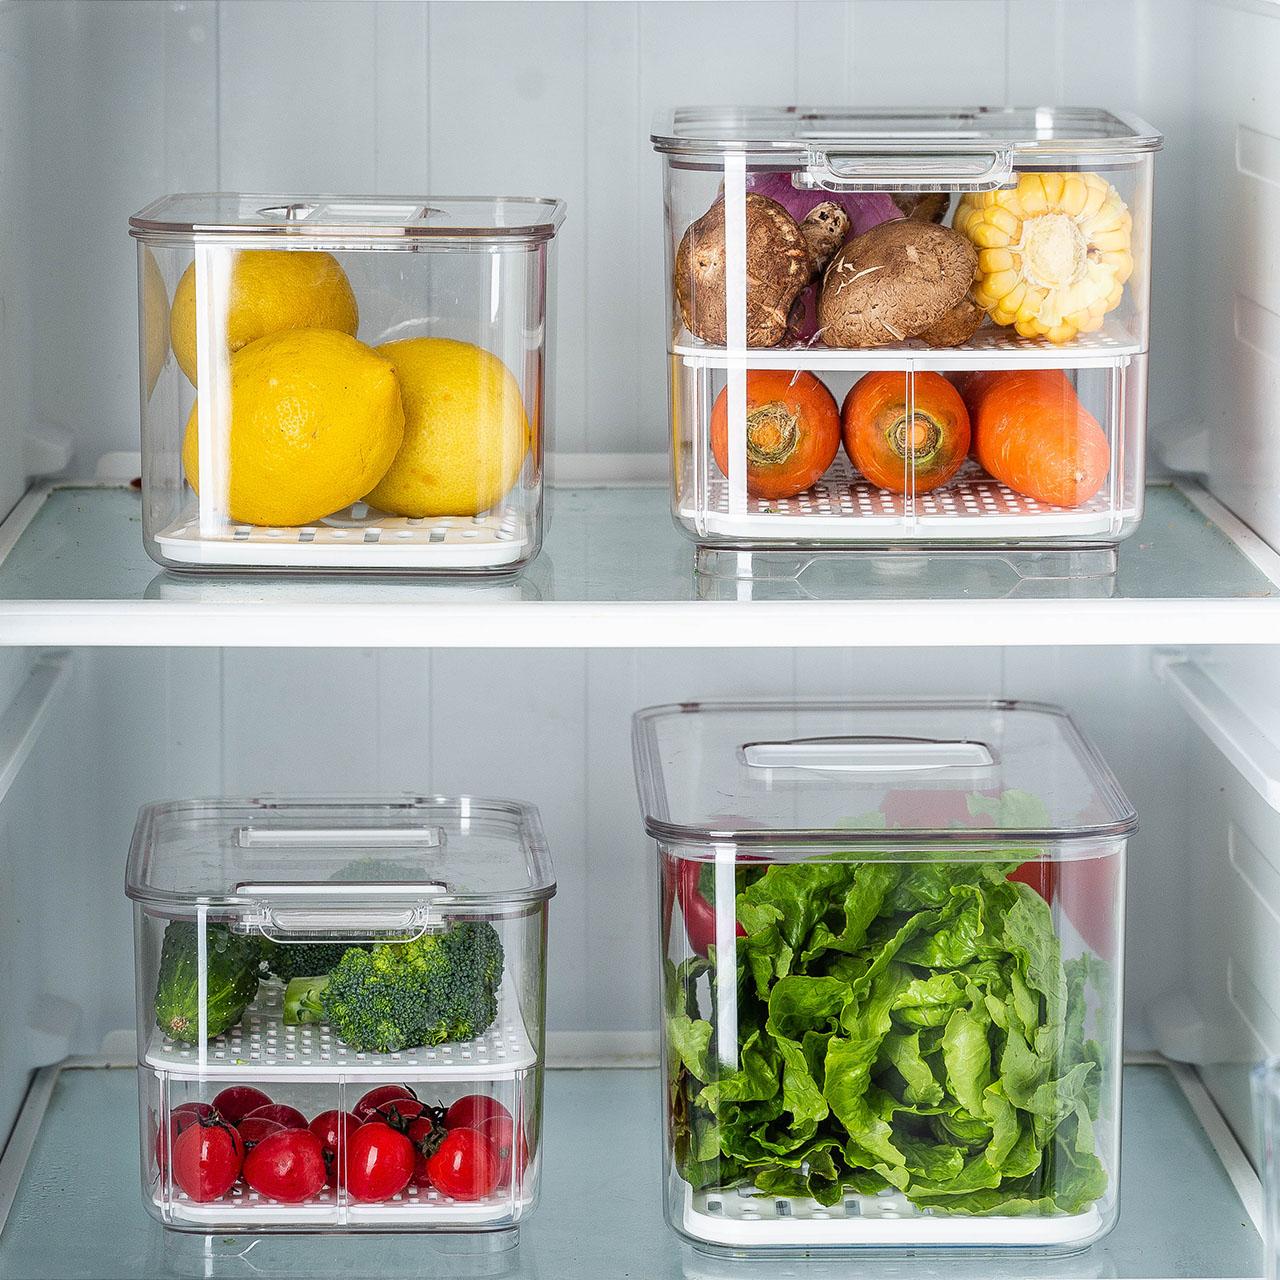 摩登主妇冰箱食品收纳盒透明分隔饺子保鲜盒水果蔬菜带盖盒子多层